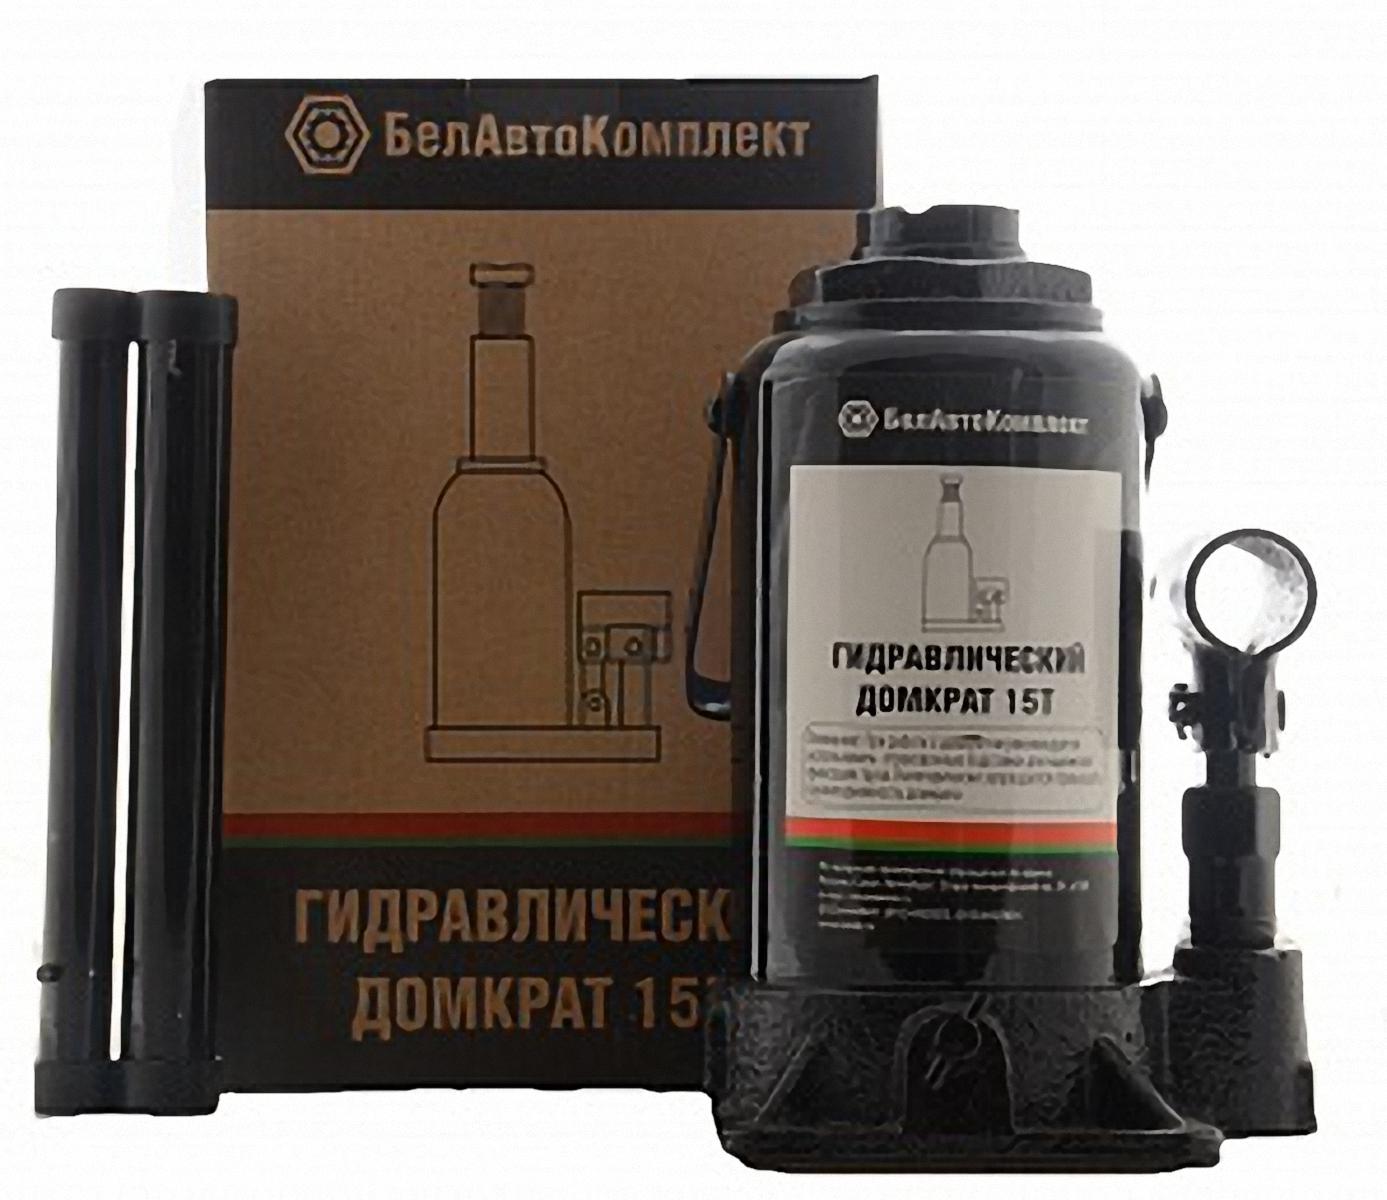 Домкрат бутылочный БелАвтоКомплект, 15 тABS-12 CГидравлический домкрат имеет ручной привод и компактную конструкцию. Использование уникальных резино-технических уплотнений позволяет сохранять полную герметичность. Чугун, из которого отливается корпус домкрата, обладает повышенной устойчивостью к агрессивным воздействиям внешней среды. Шток домкрата изготавливается из высокопрочной легируемой стали.Используемое в домкратах масло позволяет производить эксплуатацию в температурных режимах от +50 °C до -50 °C.Для изготовления гидравлических домкратов БелАвтоКомплект используется современное высокоточное оборудование ведущих концернов Германии и Японии. Каждый гидравлический домкрат БелАвтоКомплект проходит контроль качества ОТК на соответствие заданным параметрам.грузоподъемность - 15 тоннmax. высота подъема - 375 ммmin. высота подъема - 200 ммвес домкрата - 6,2 кг